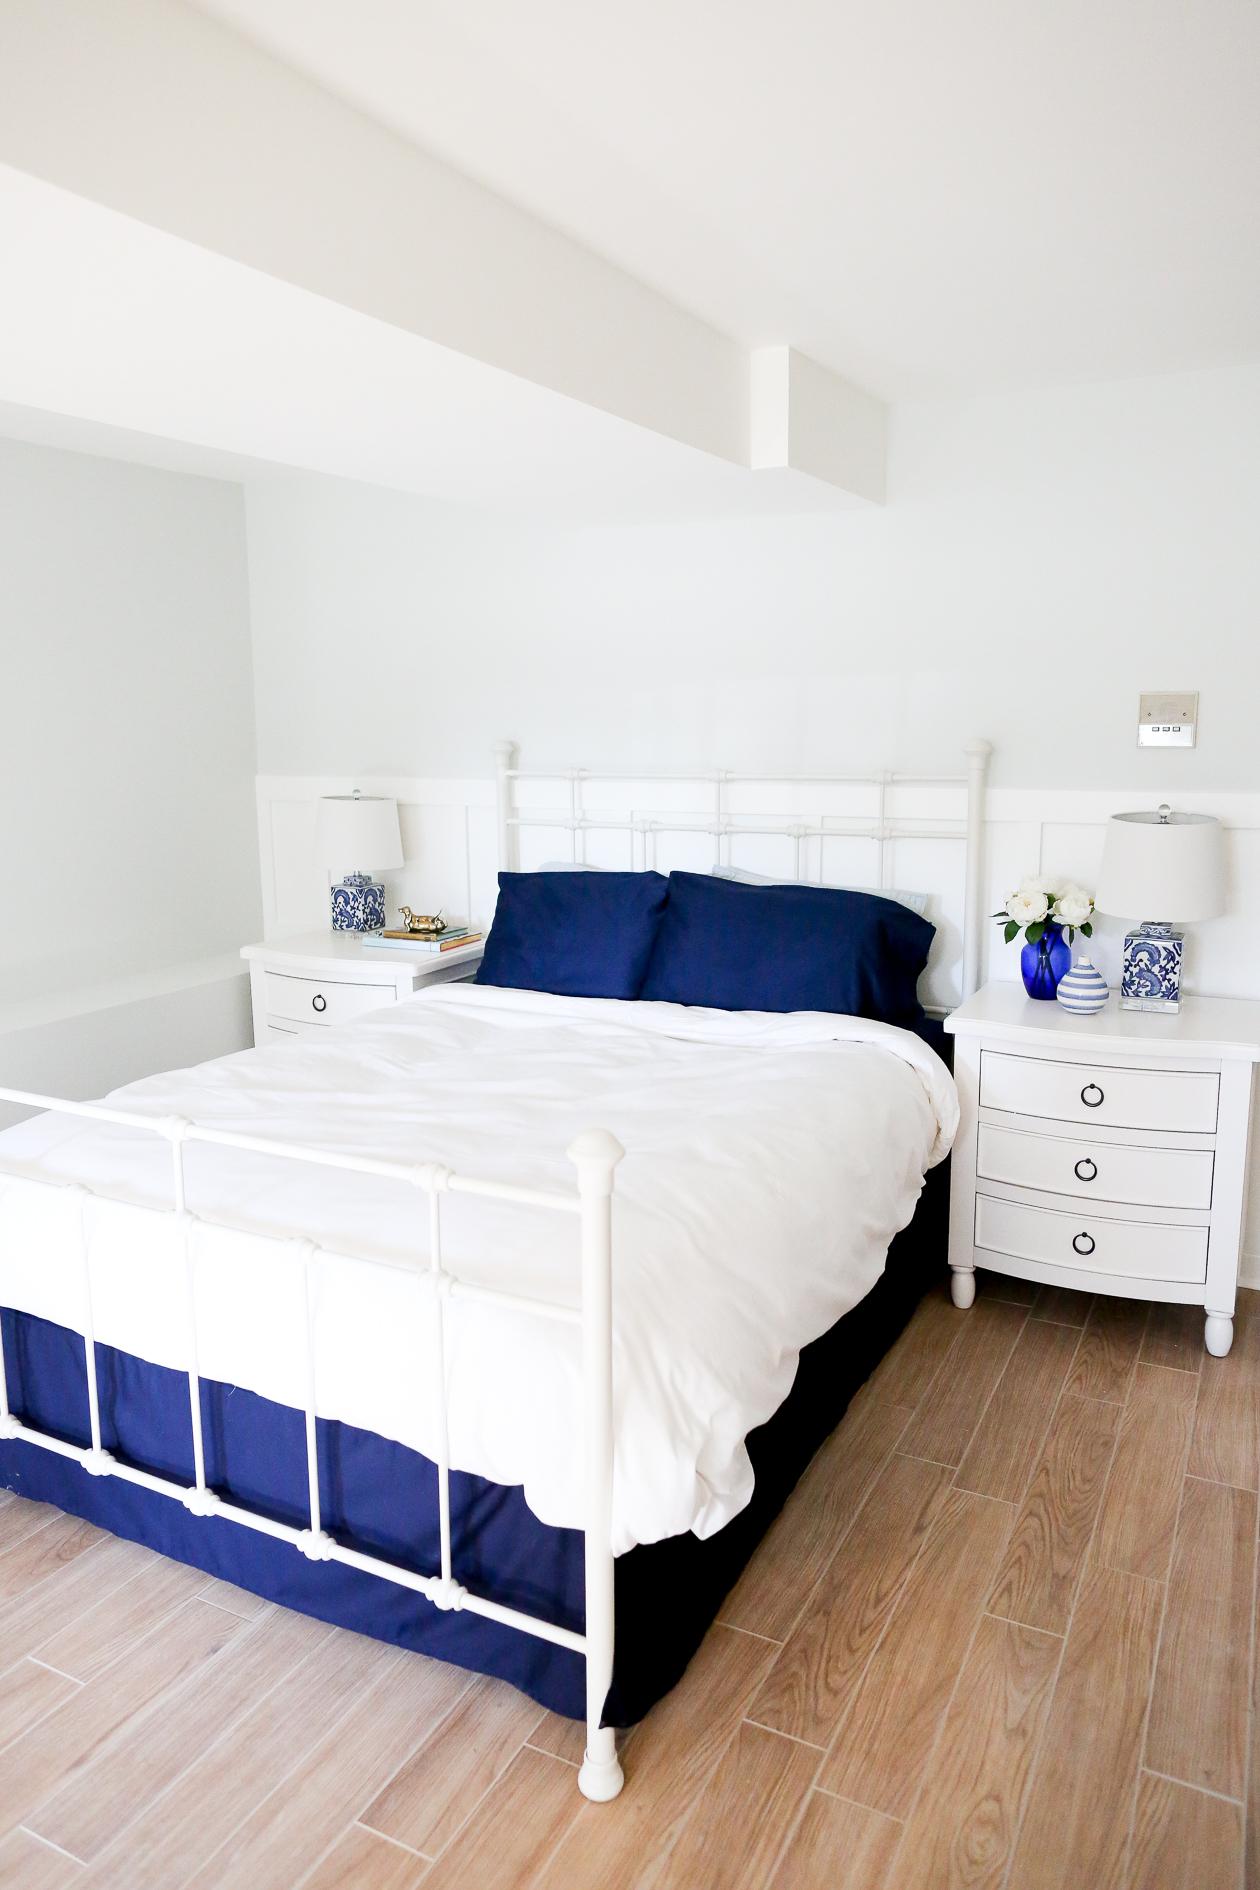 Sachi Home Bedding-58